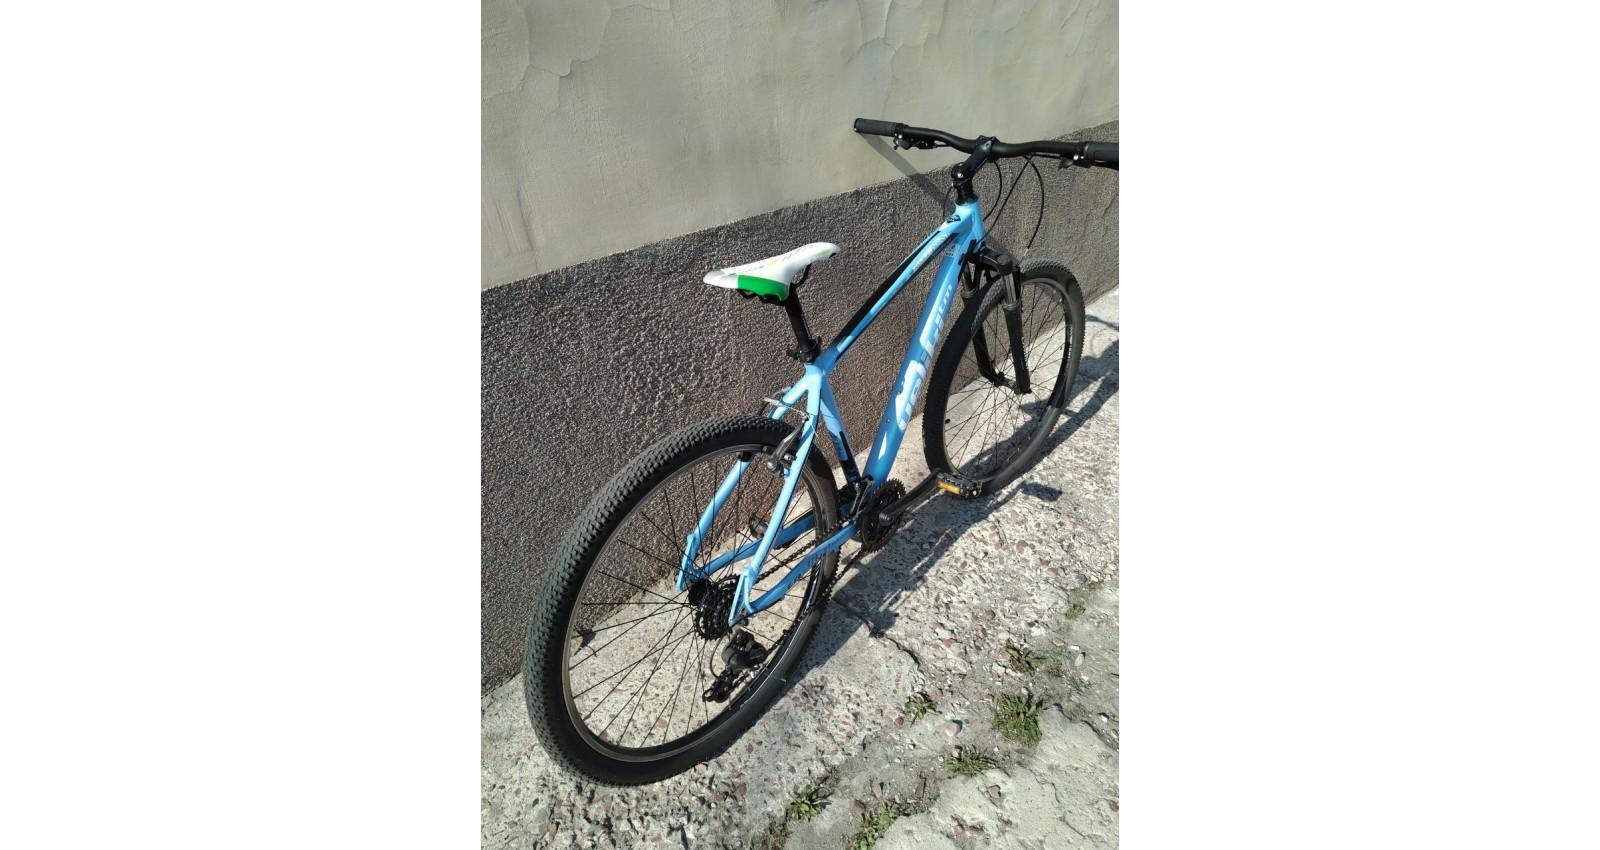 """Велосипед б/у 27,5"""" Cayman Evo 7.0 M (TM Veliki)  2019 blue - № Фото 1 - № Фото 2 - № Фото 3"""